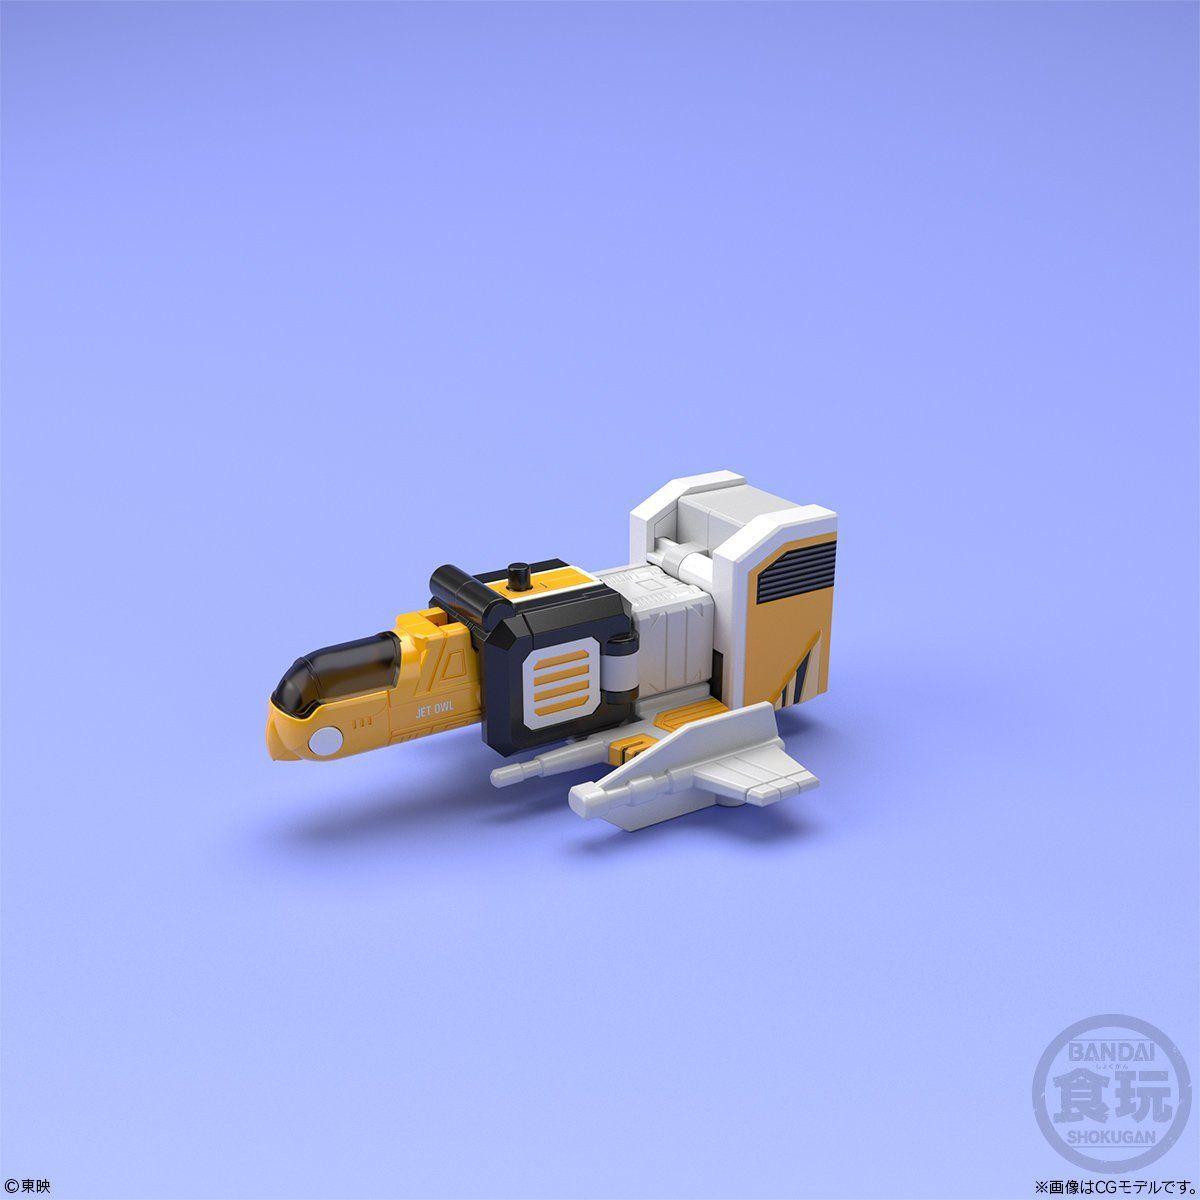 Super Minipla Jet Icarus (4)